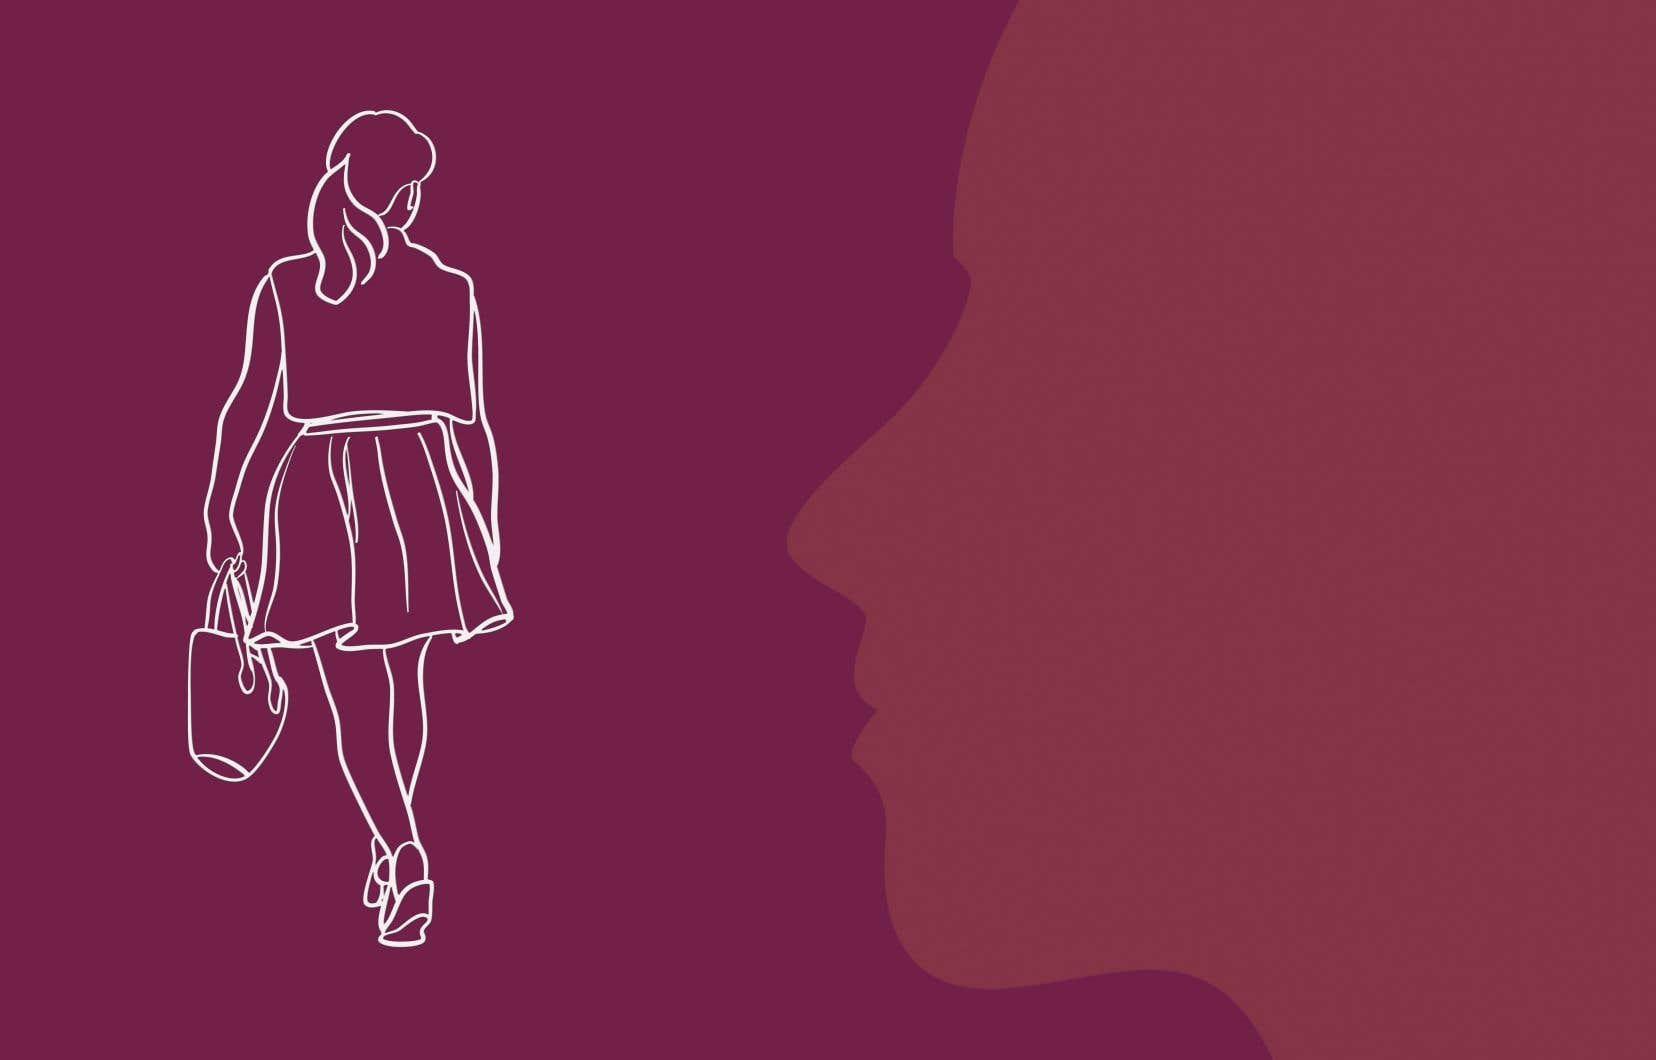 «Les petites filles apprennent très vite à regarder par-dessus leurs épaules. Et à s'enfuir. Si elles ont le temps», écrit l'autrice.